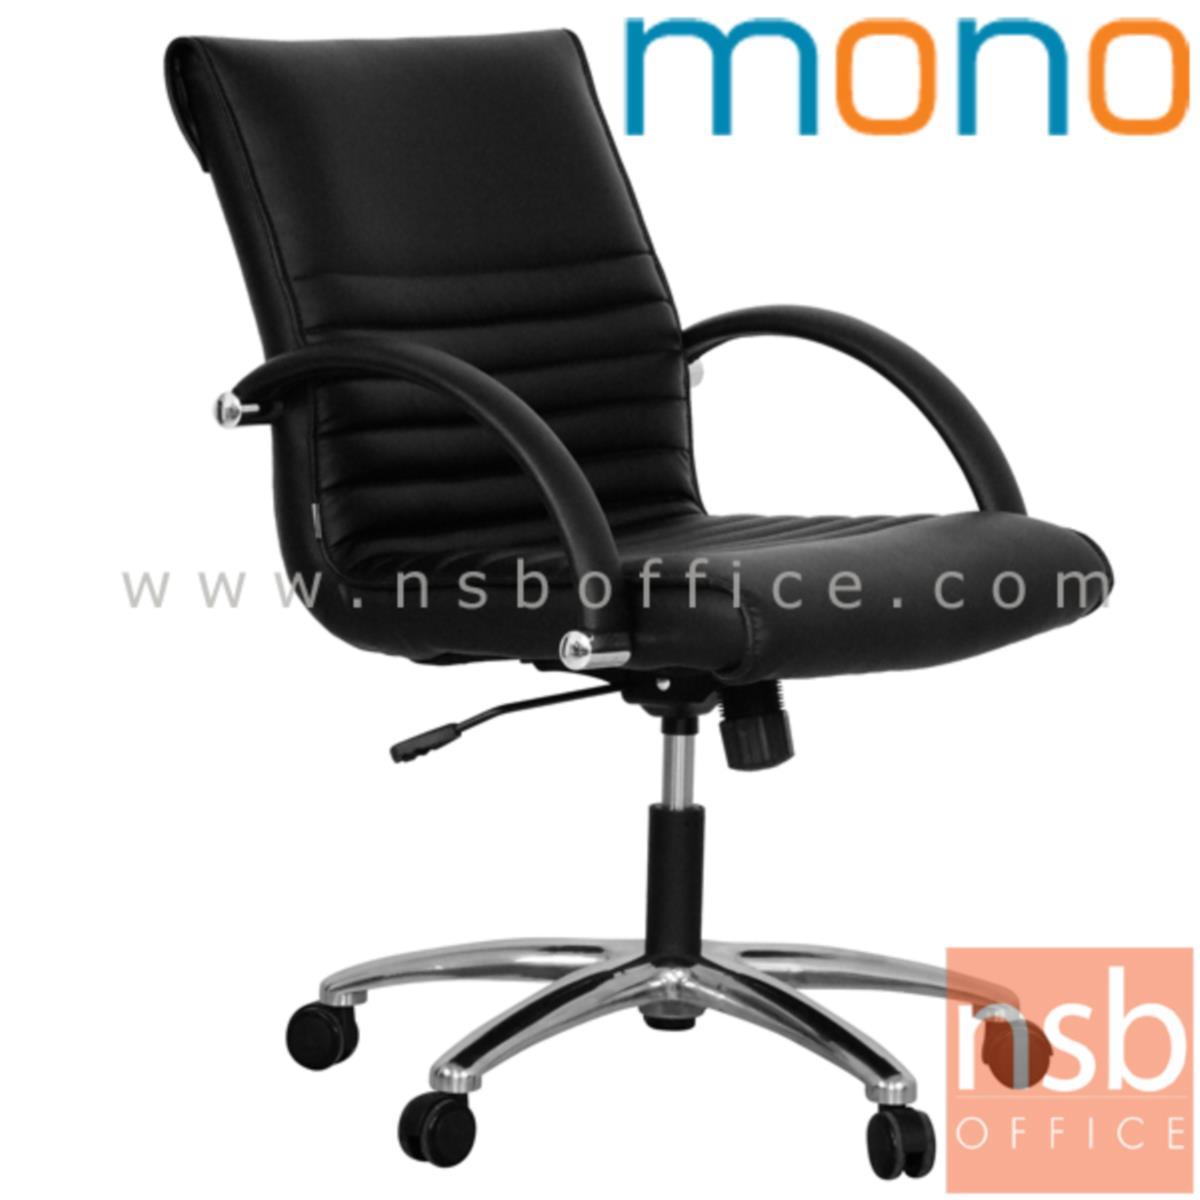 เก้าอี้สำนักงาน  รุ่น LANDER LD/M   โช๊คแก๊ส มีก้อนโยก ขาอลูมิเนียม